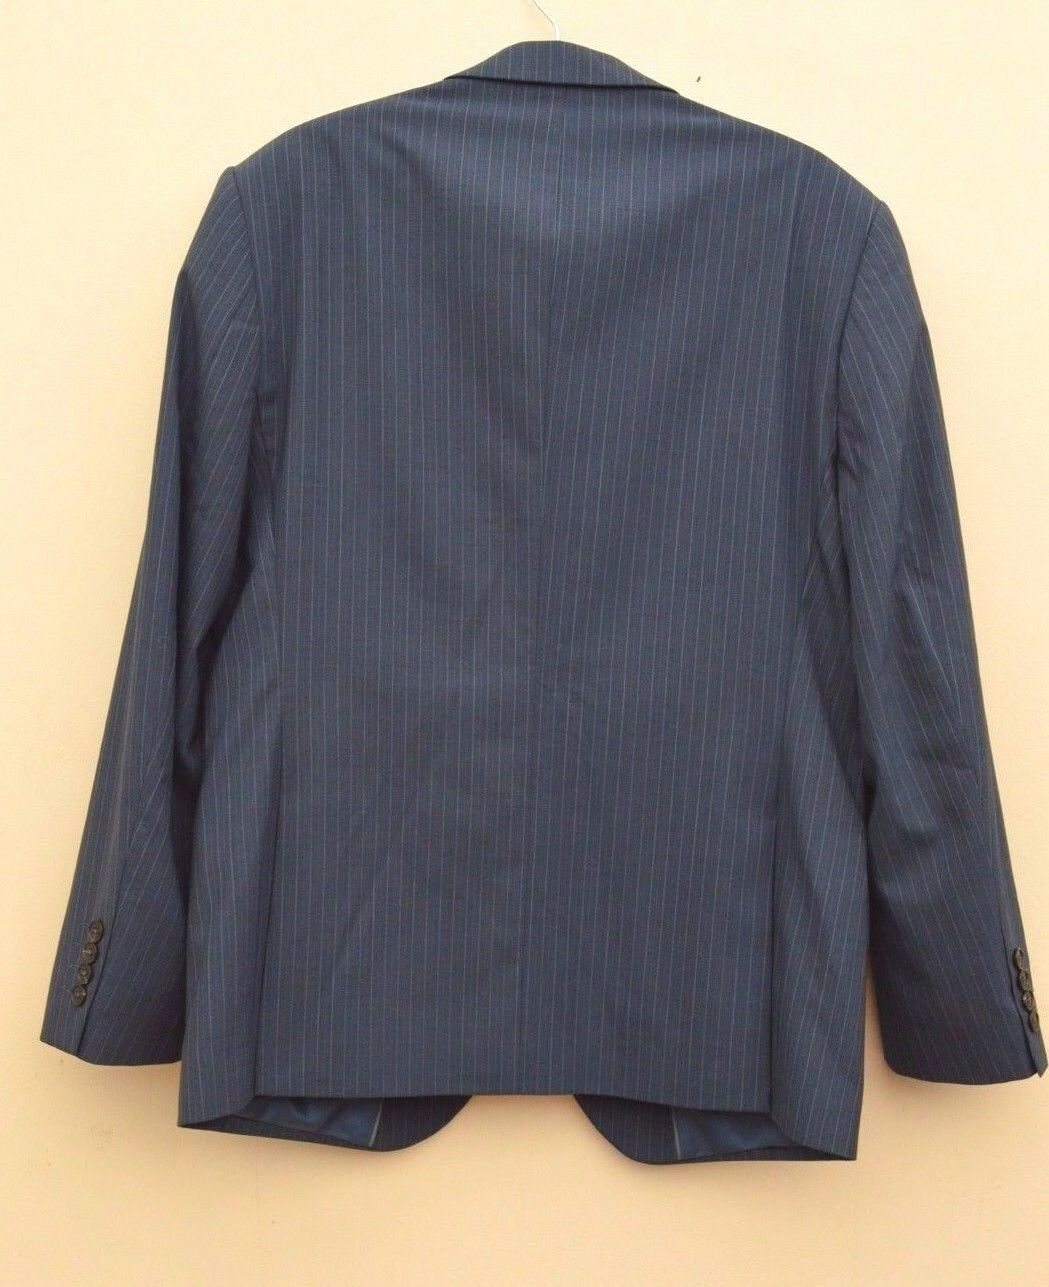 NUOVO M&S Collezione blu gessato lana normale ricca ricca normale Suit Sz 38  torace/34/29 976400